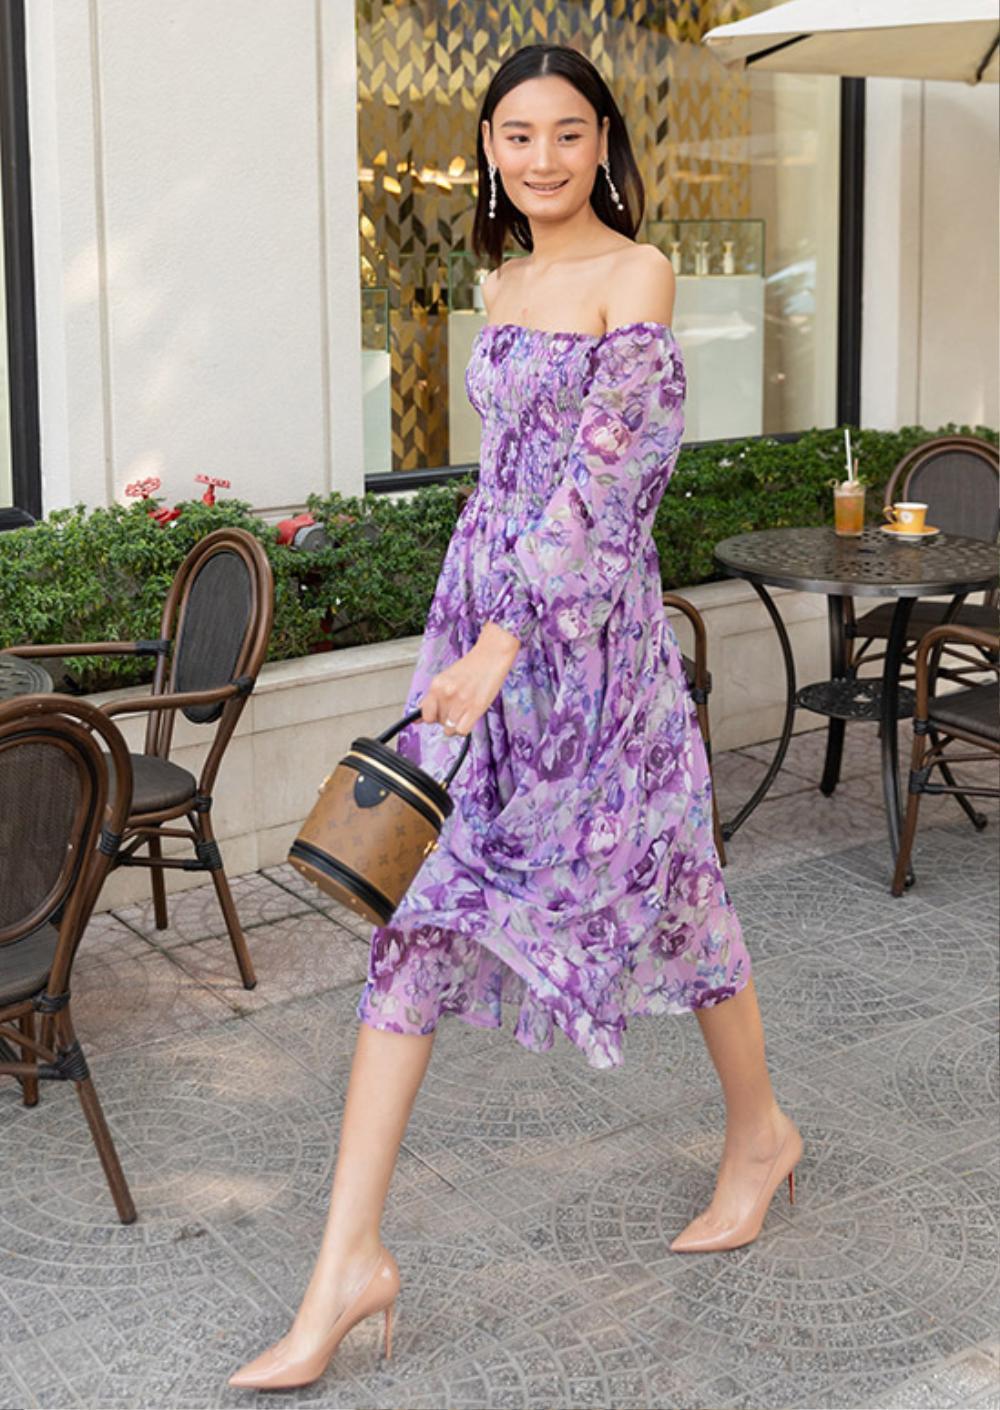 Hoa hậu Đặng Thu Thảo lấn át siêu mẫu Lê Thúy khi diện váy tím bay bổng Ảnh 3